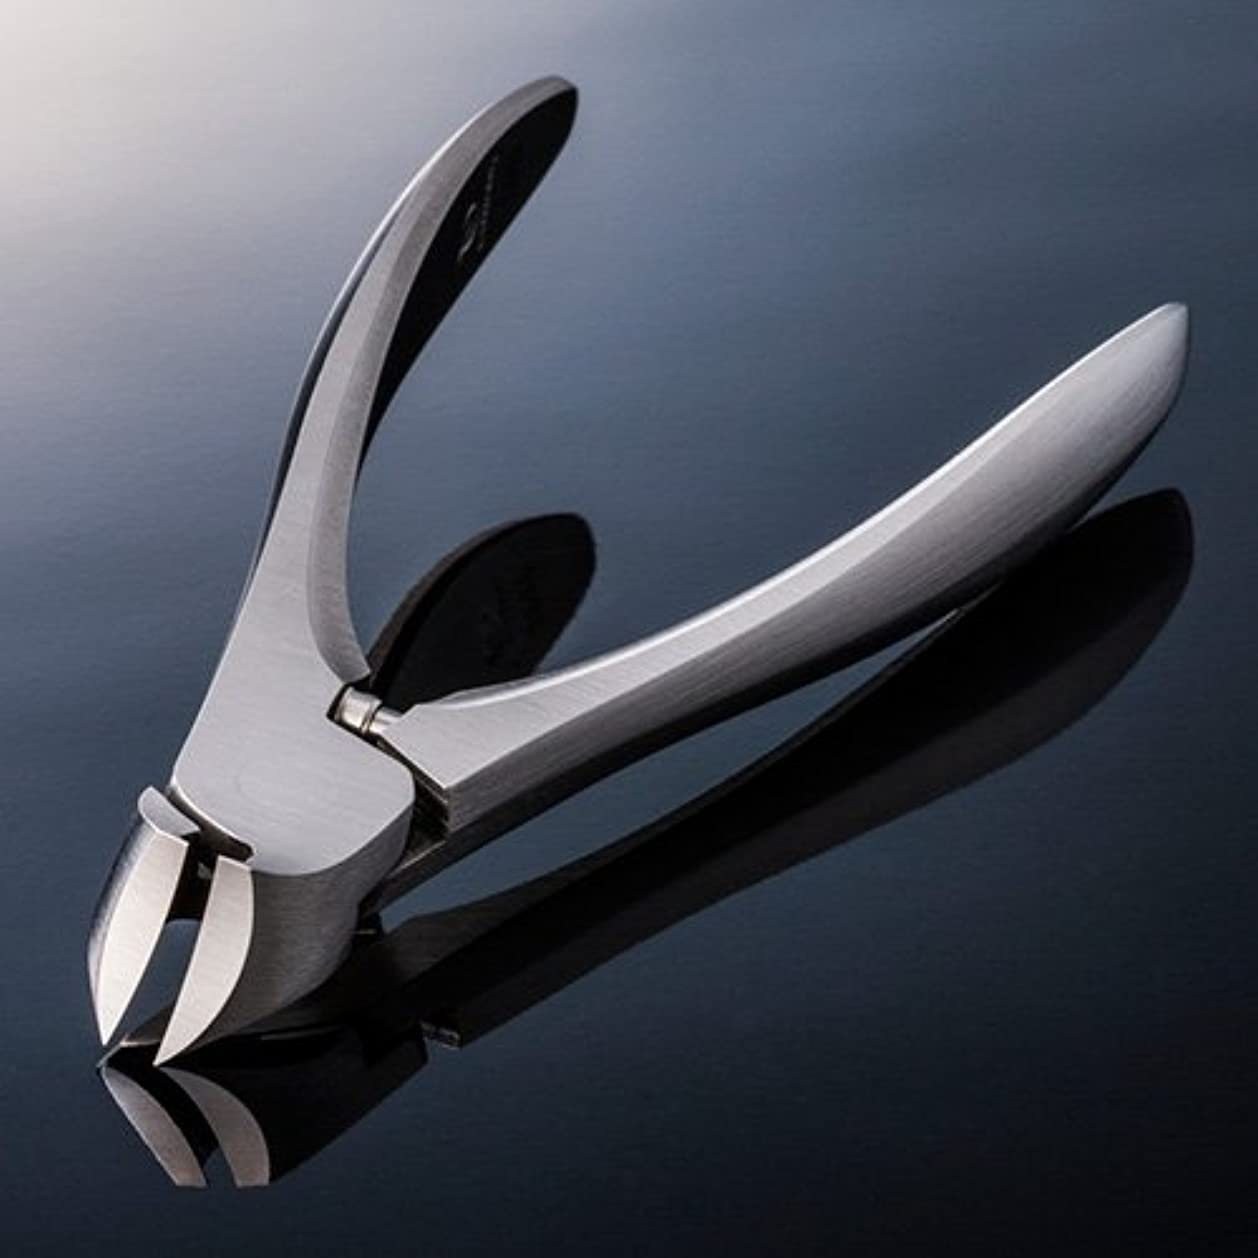 たまに悪用真珠のような【SUWADA クラシックL 爪やすり付】 諏訪田のつめ切り 爪切り ネイルニッパー 収納メタルケース付 /日本のいいもの